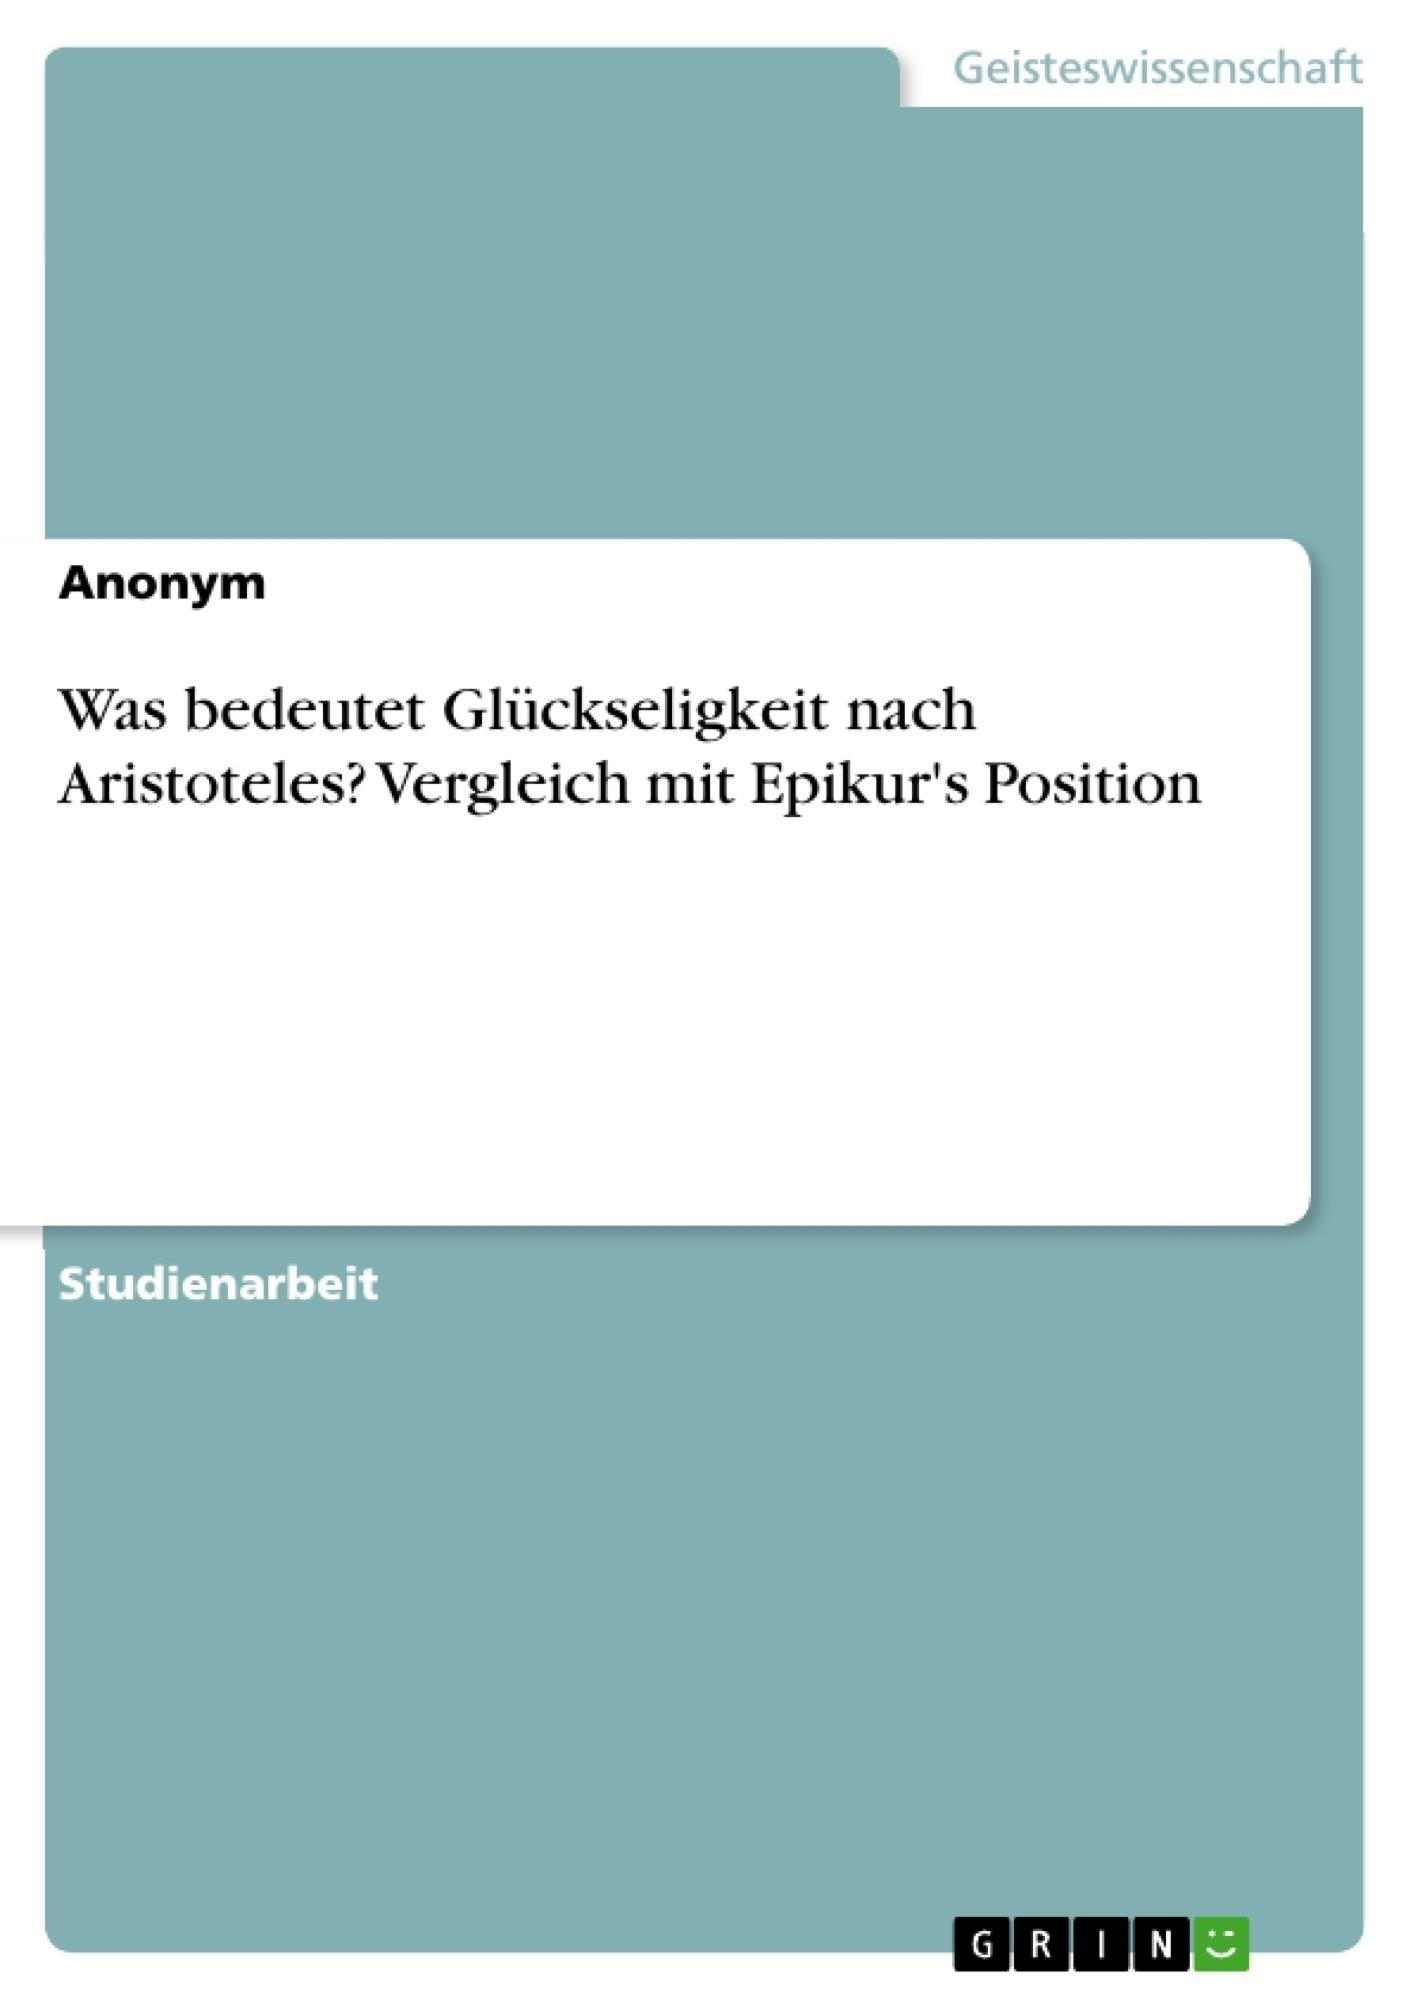 Titel: Was bedeutet Glückseligkeit nach Aristoteles? Vergleich mit Epikur's Position